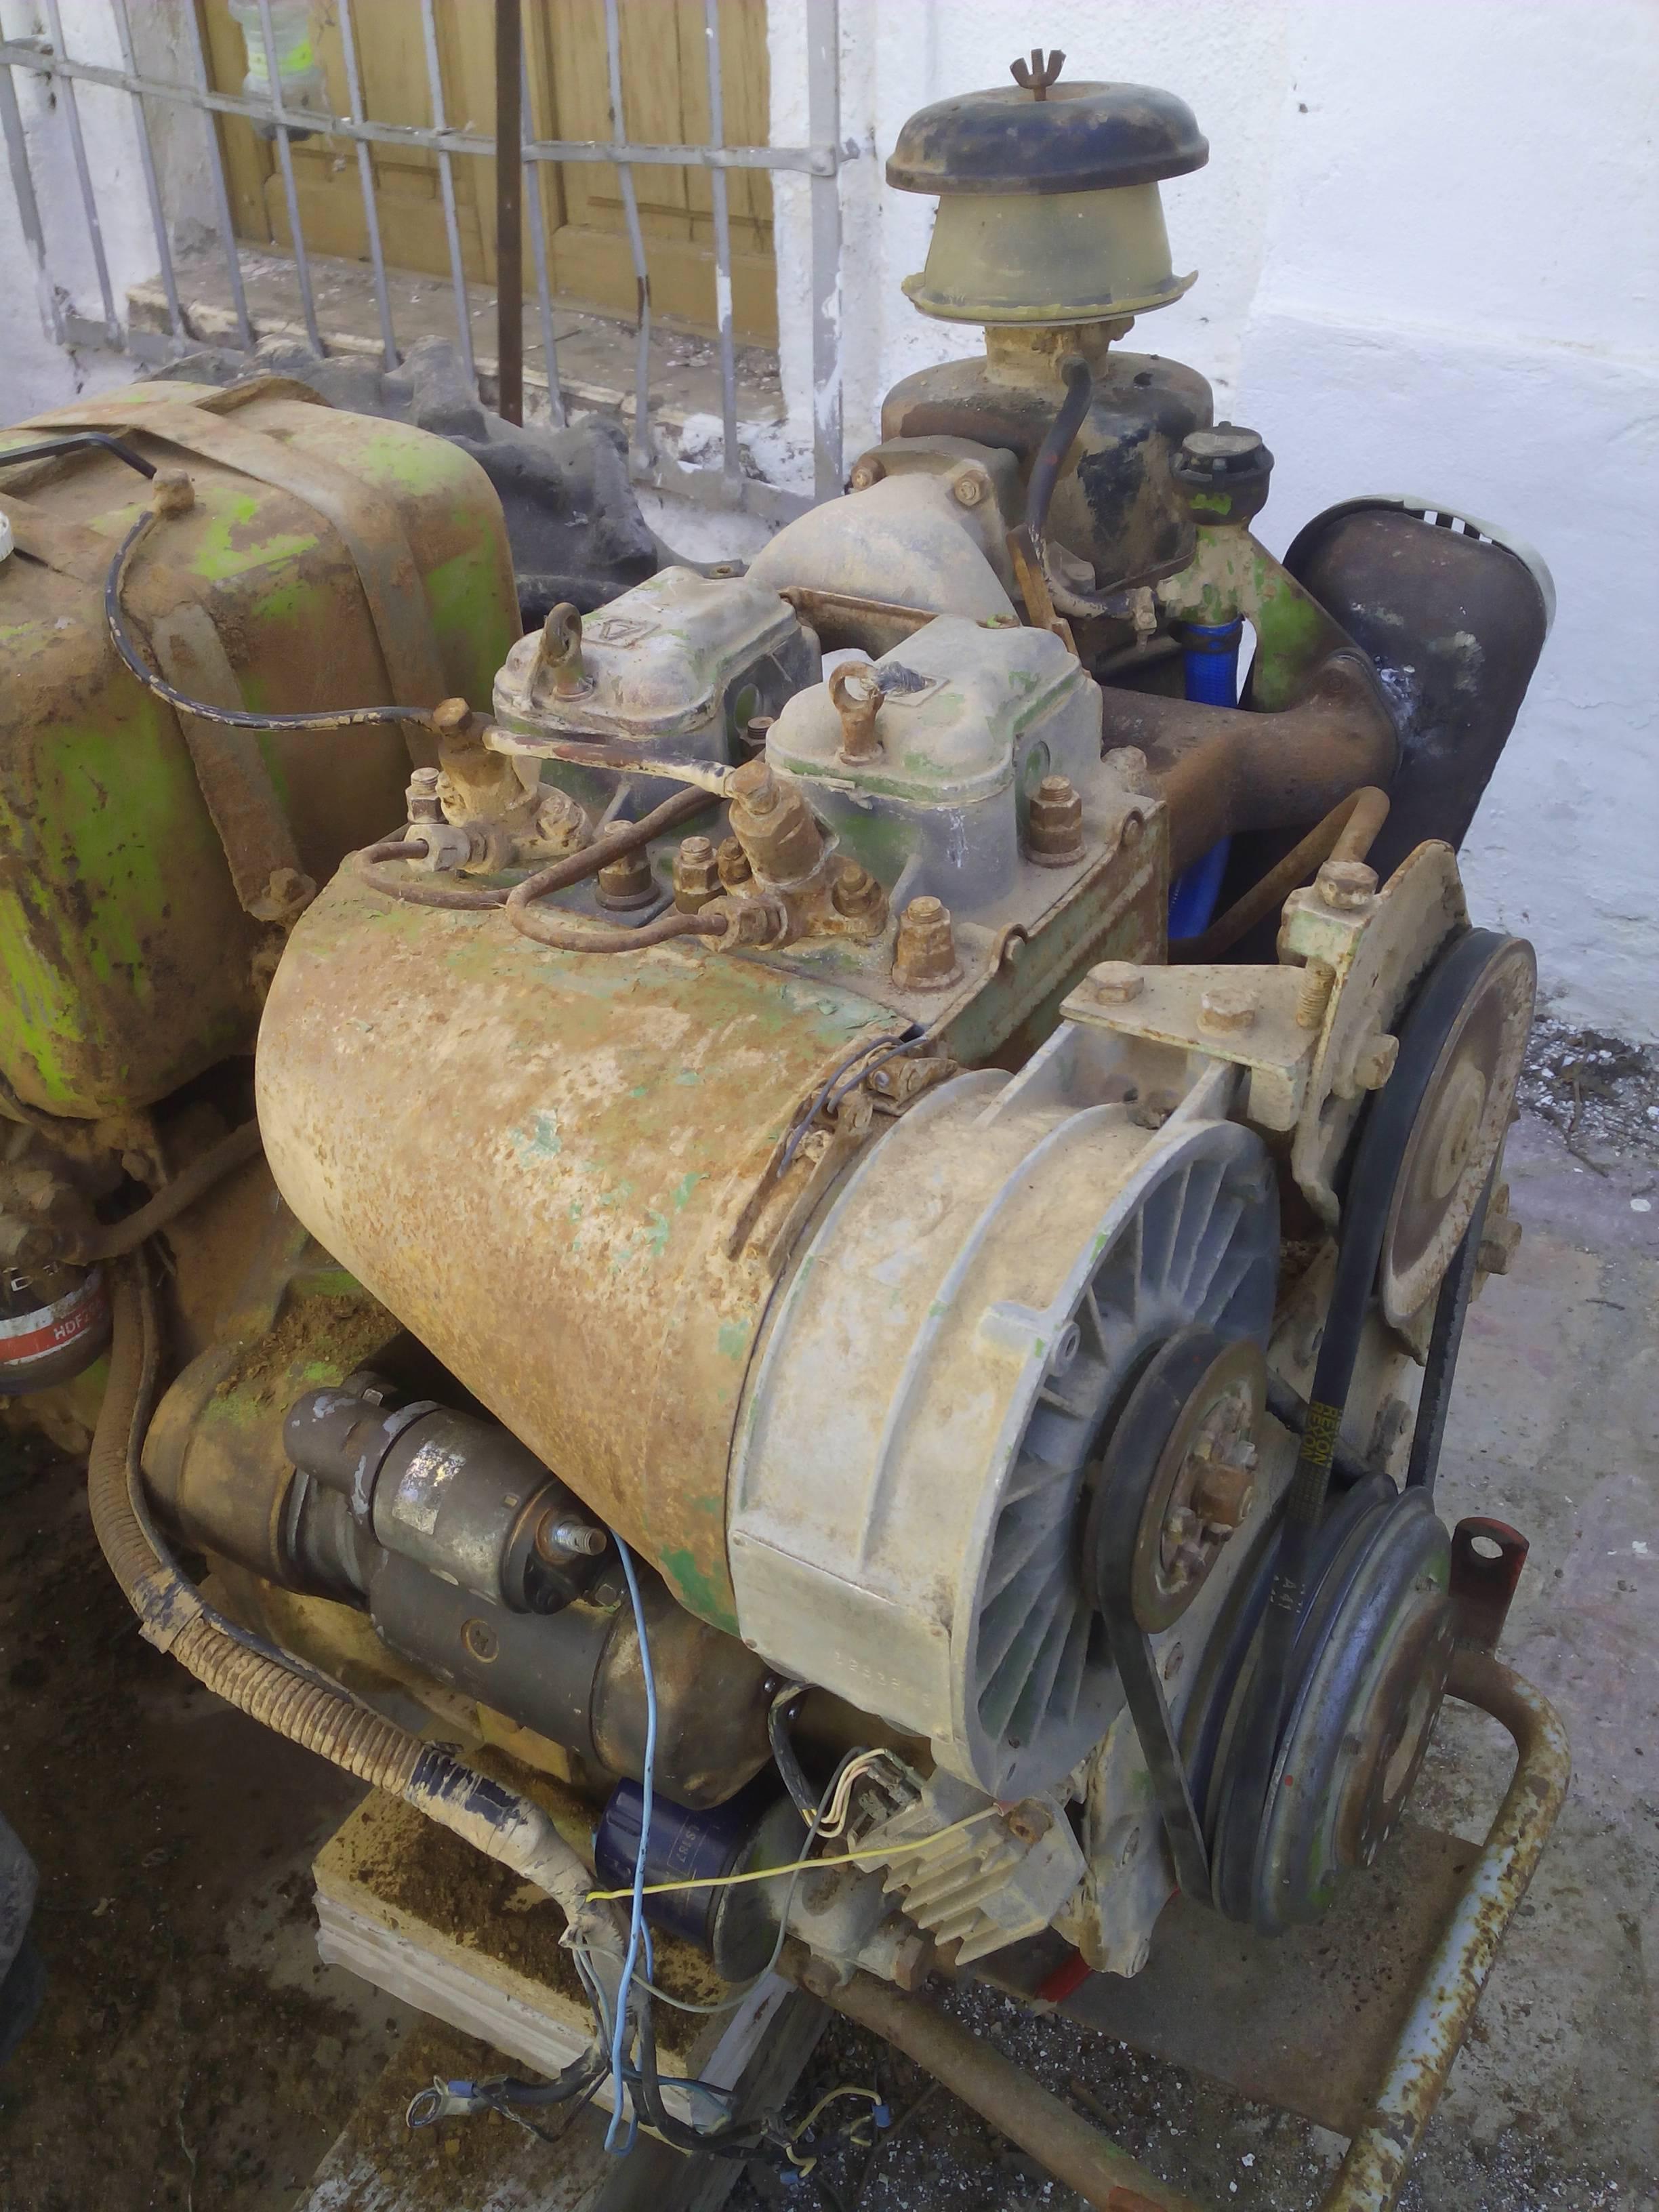 [Agria 9900] Restauración tractor Agria 9900 TinBZU6